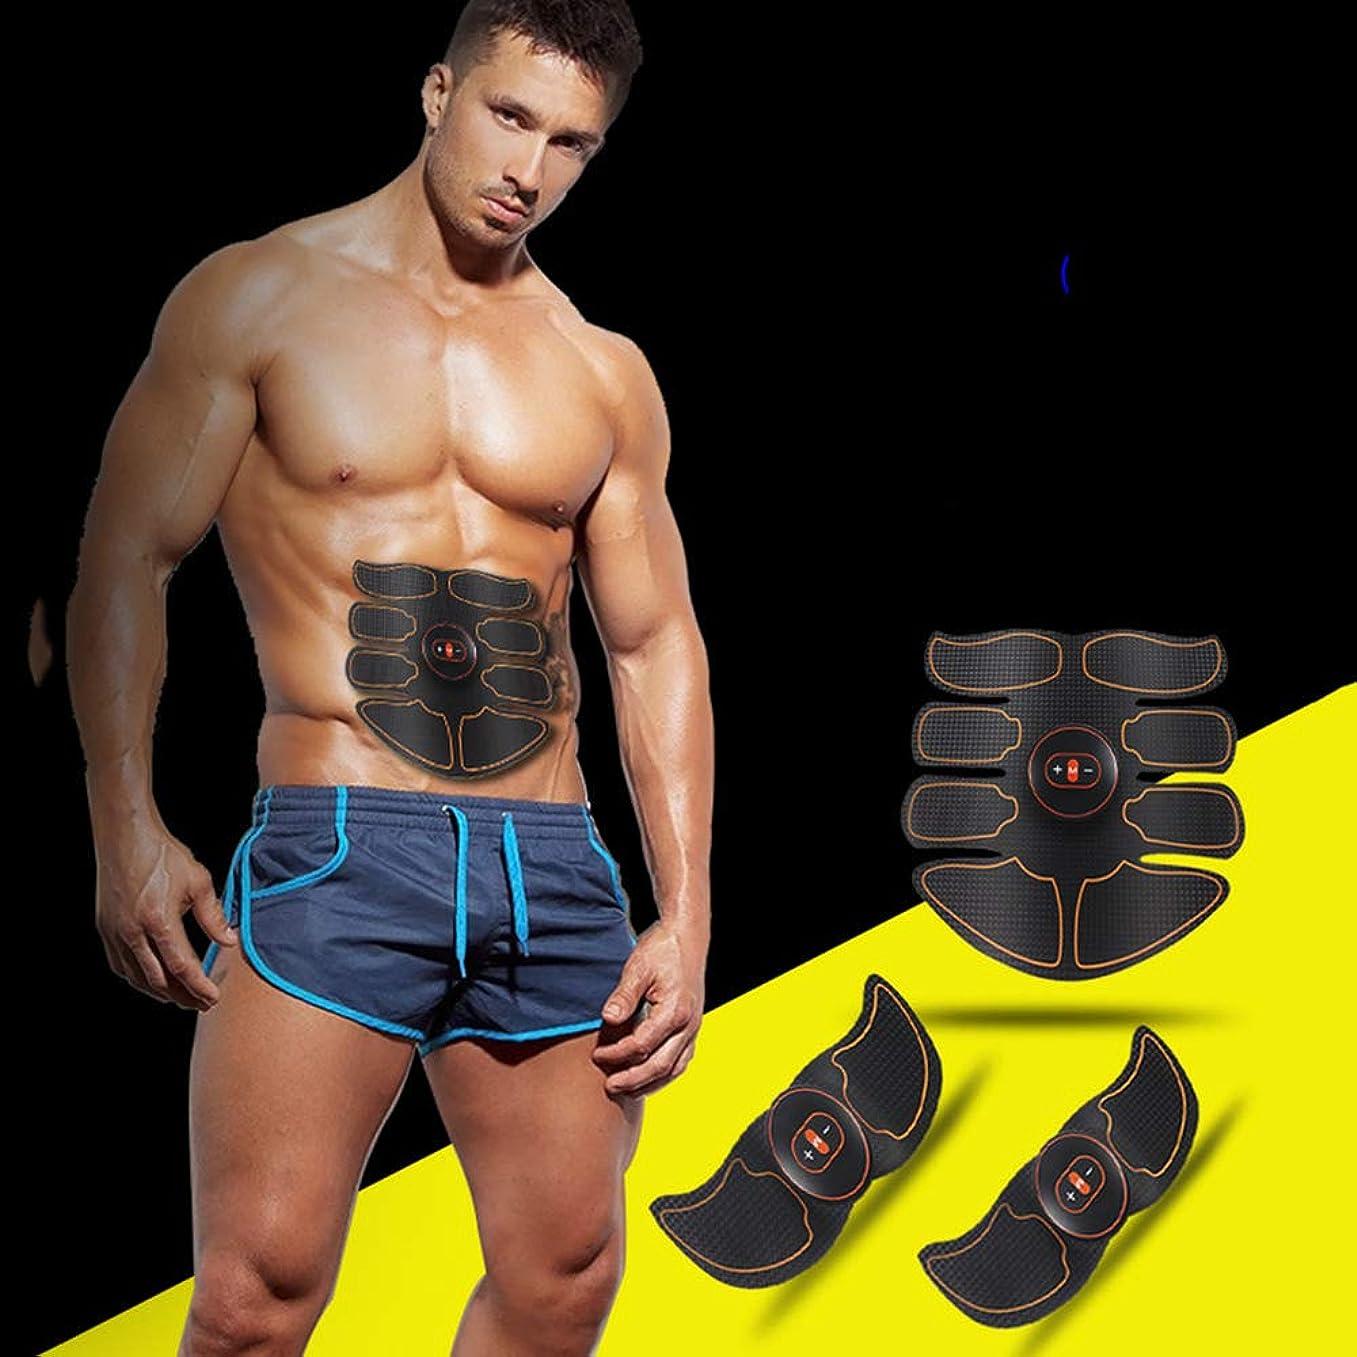 常に辞任起こるUSB電気腹筋トレーニング装置EMS筋刺激器腹筋ウエスト減量マッサージャースポーツフィットネス機器ユニセックス,Yellow